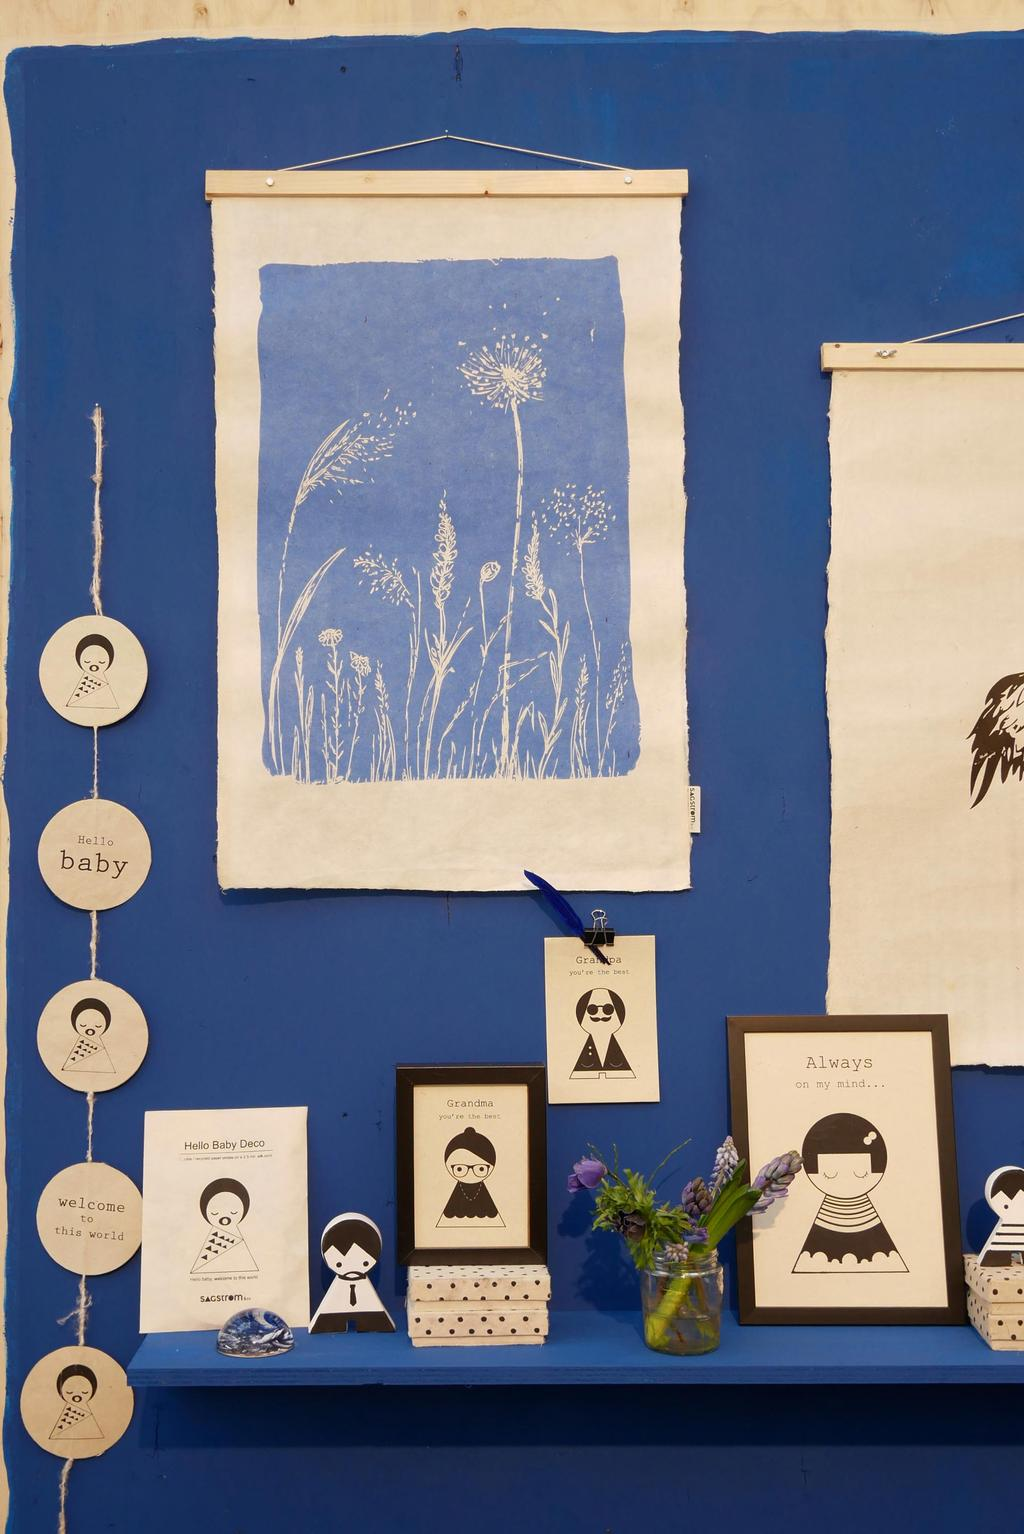 Wanddecoratie van Sagstrom and Comet op handgeschept papier tijdens showUP